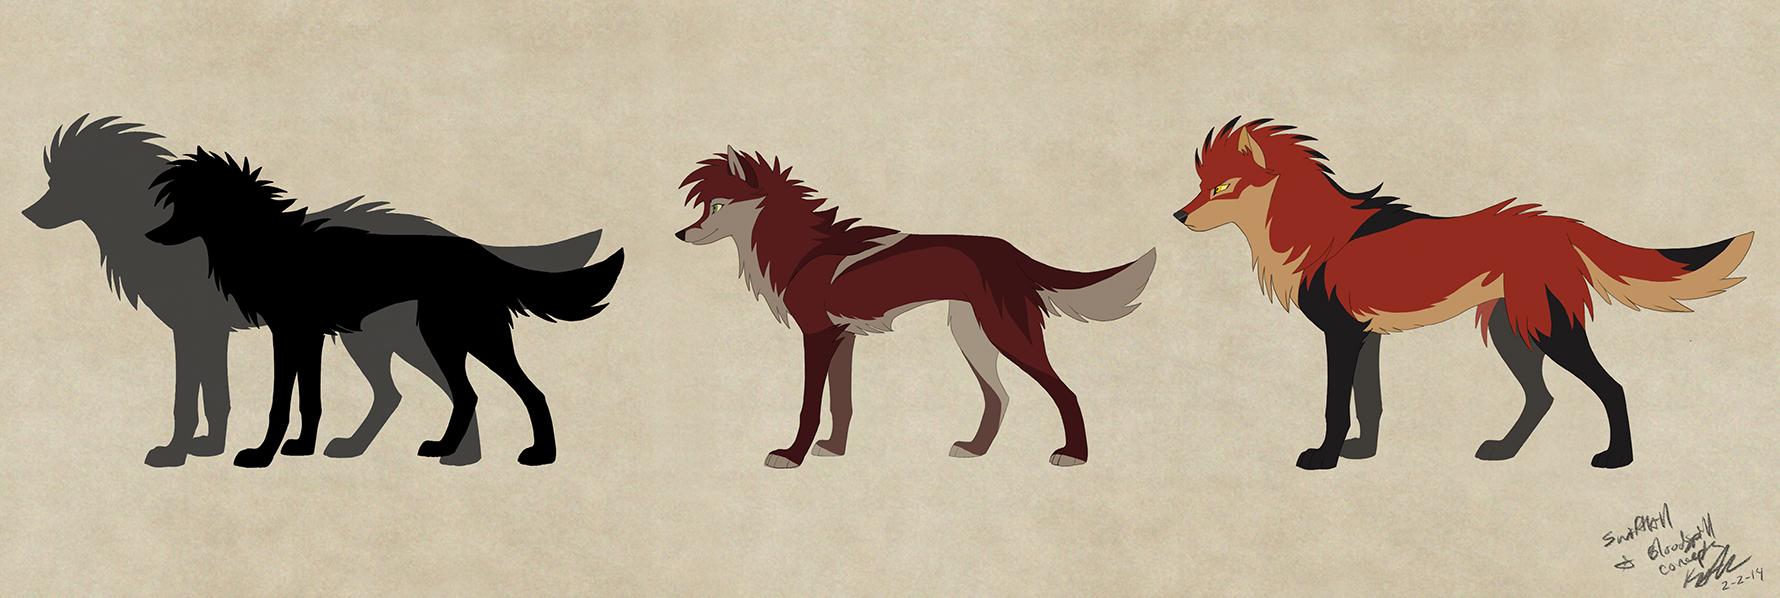 Swiftkill with Bloodspill concept by KayFedewa